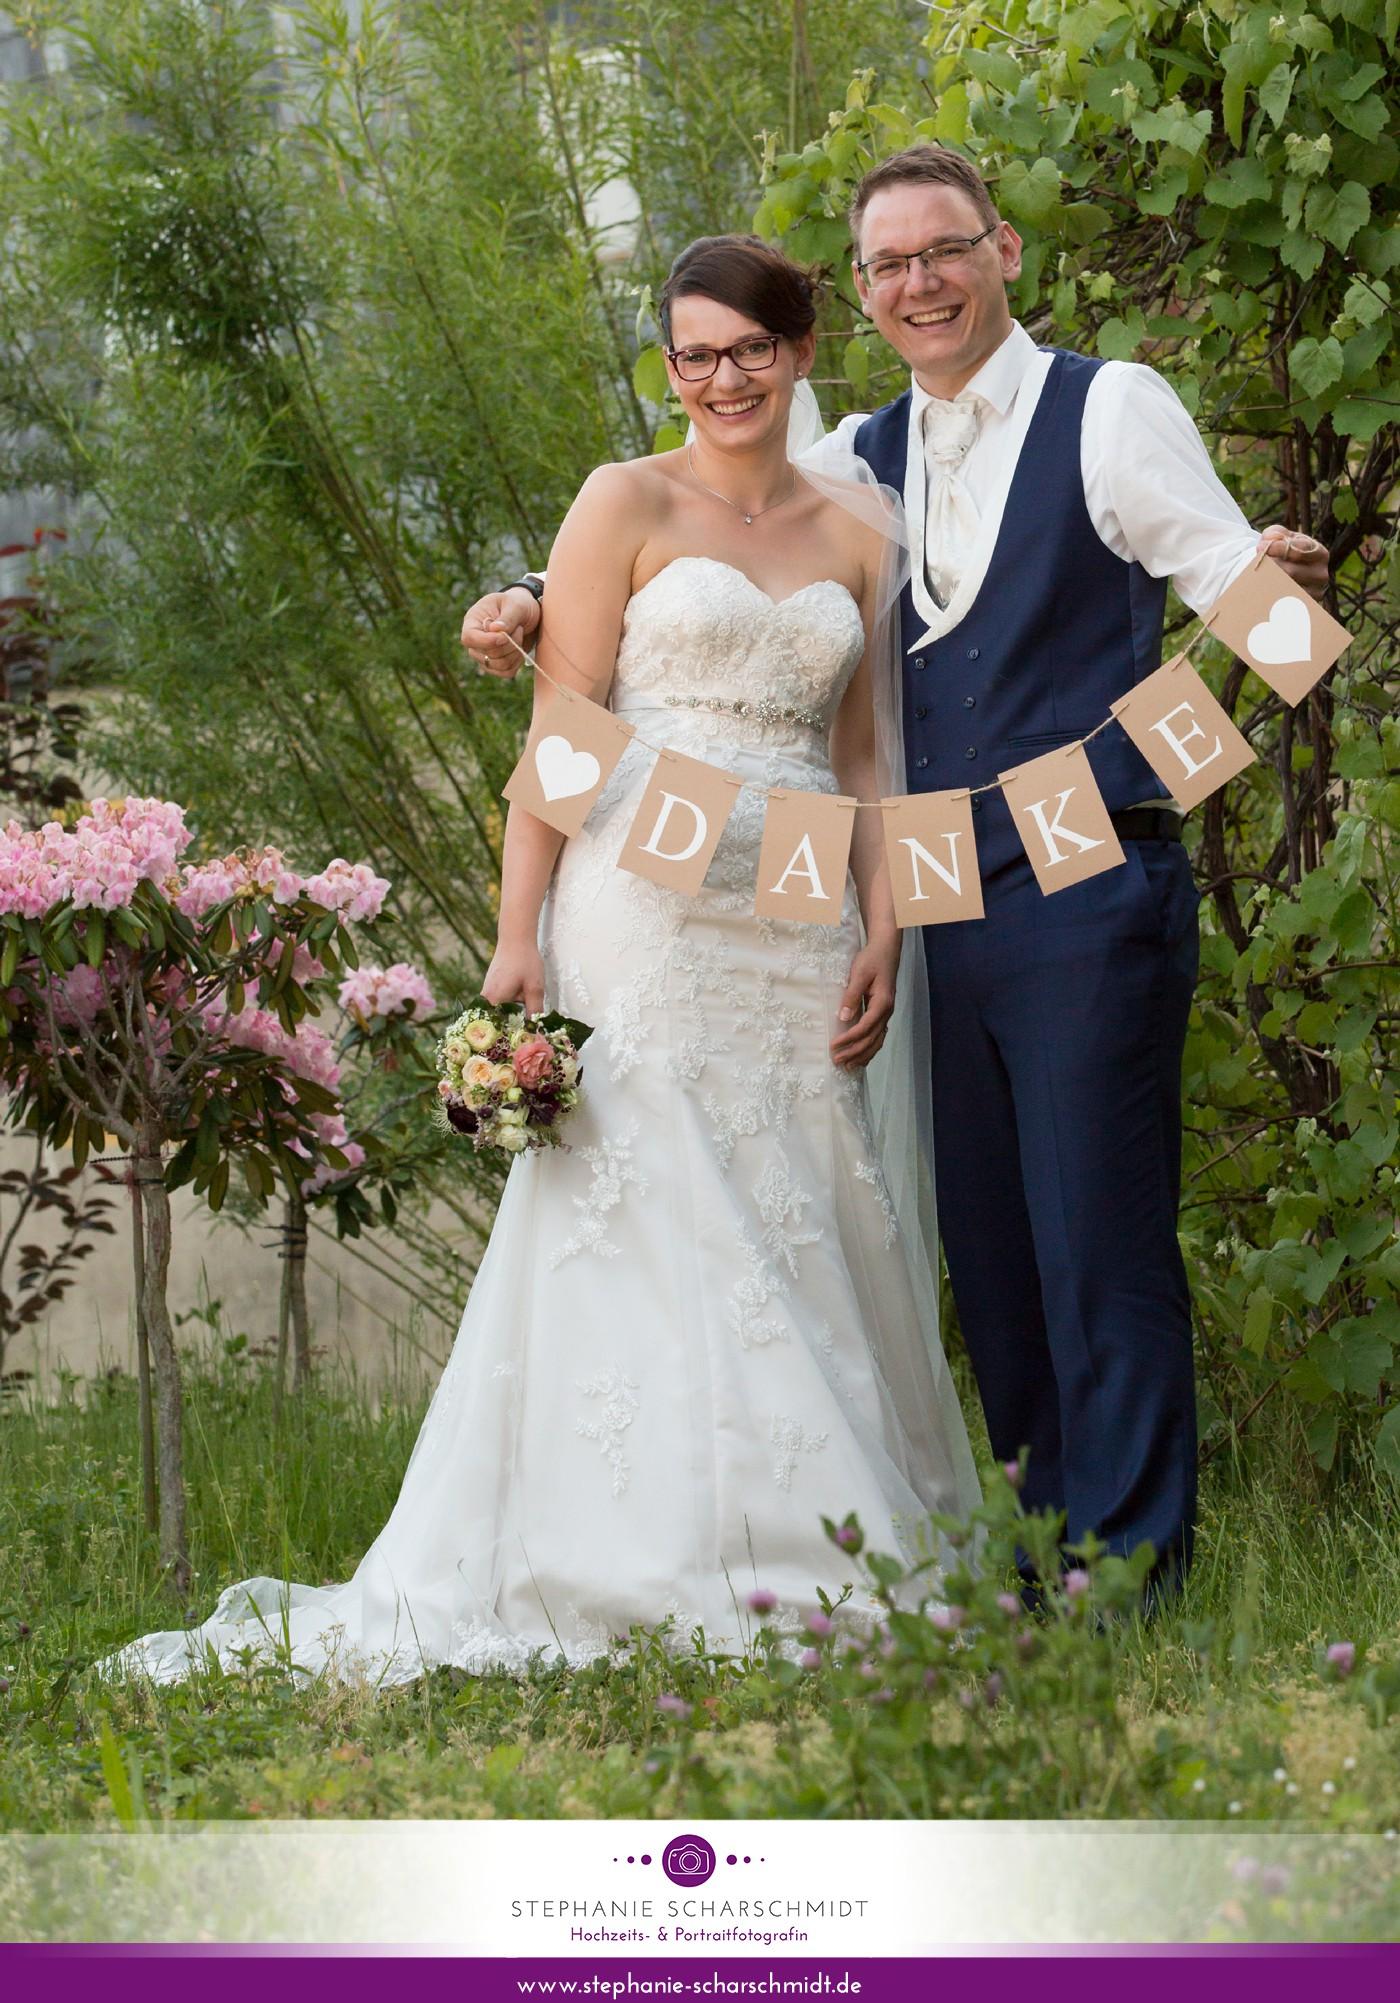 Hochzeitsfotografin Waldenburg – Hochzeitsfotograf Stephanie Scharschmidt